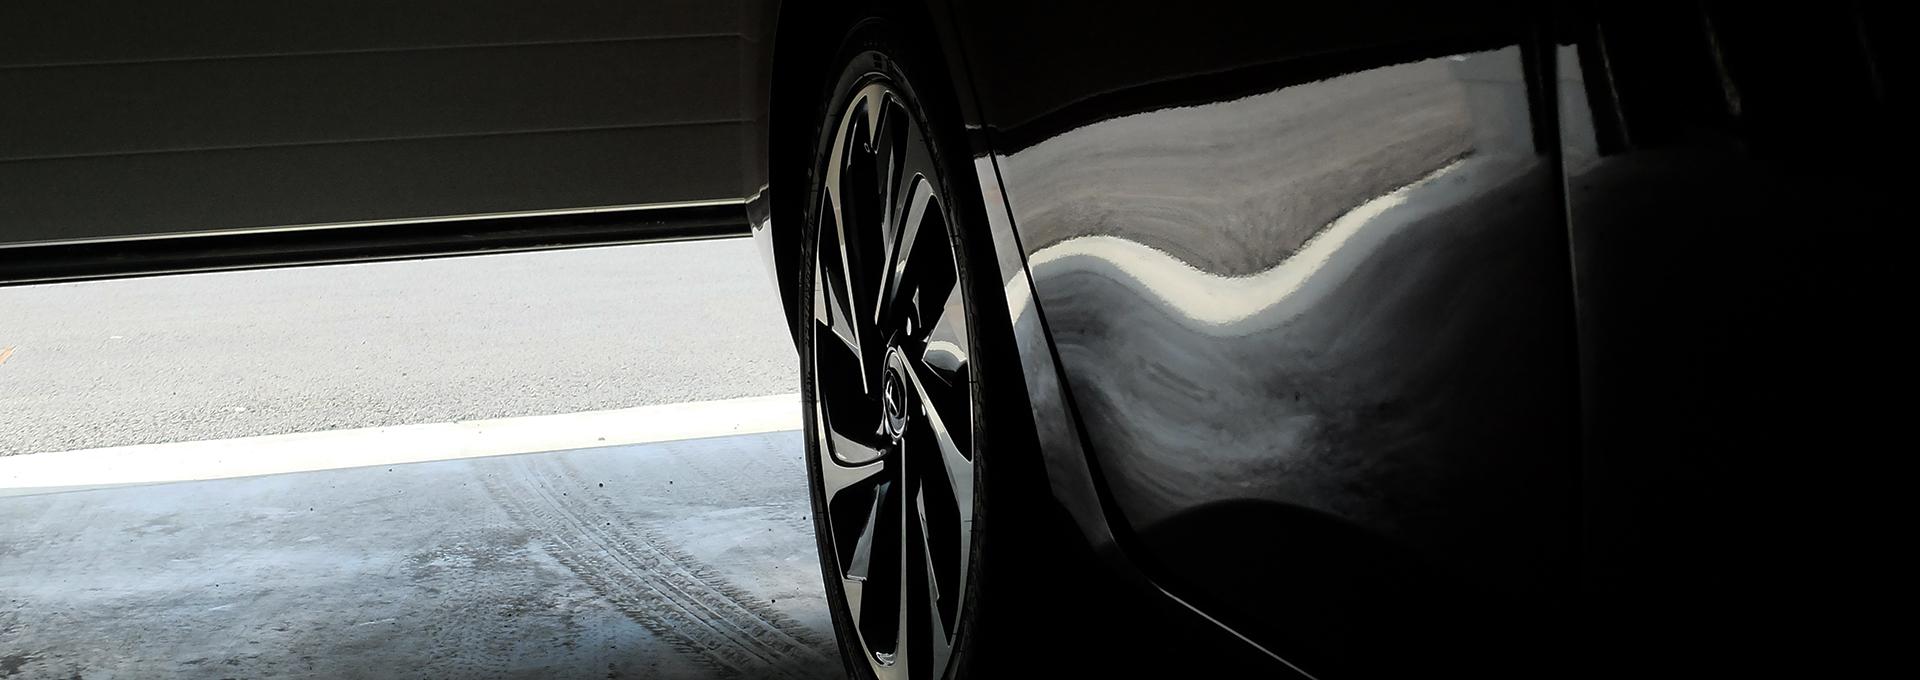 location de voiture handicapé